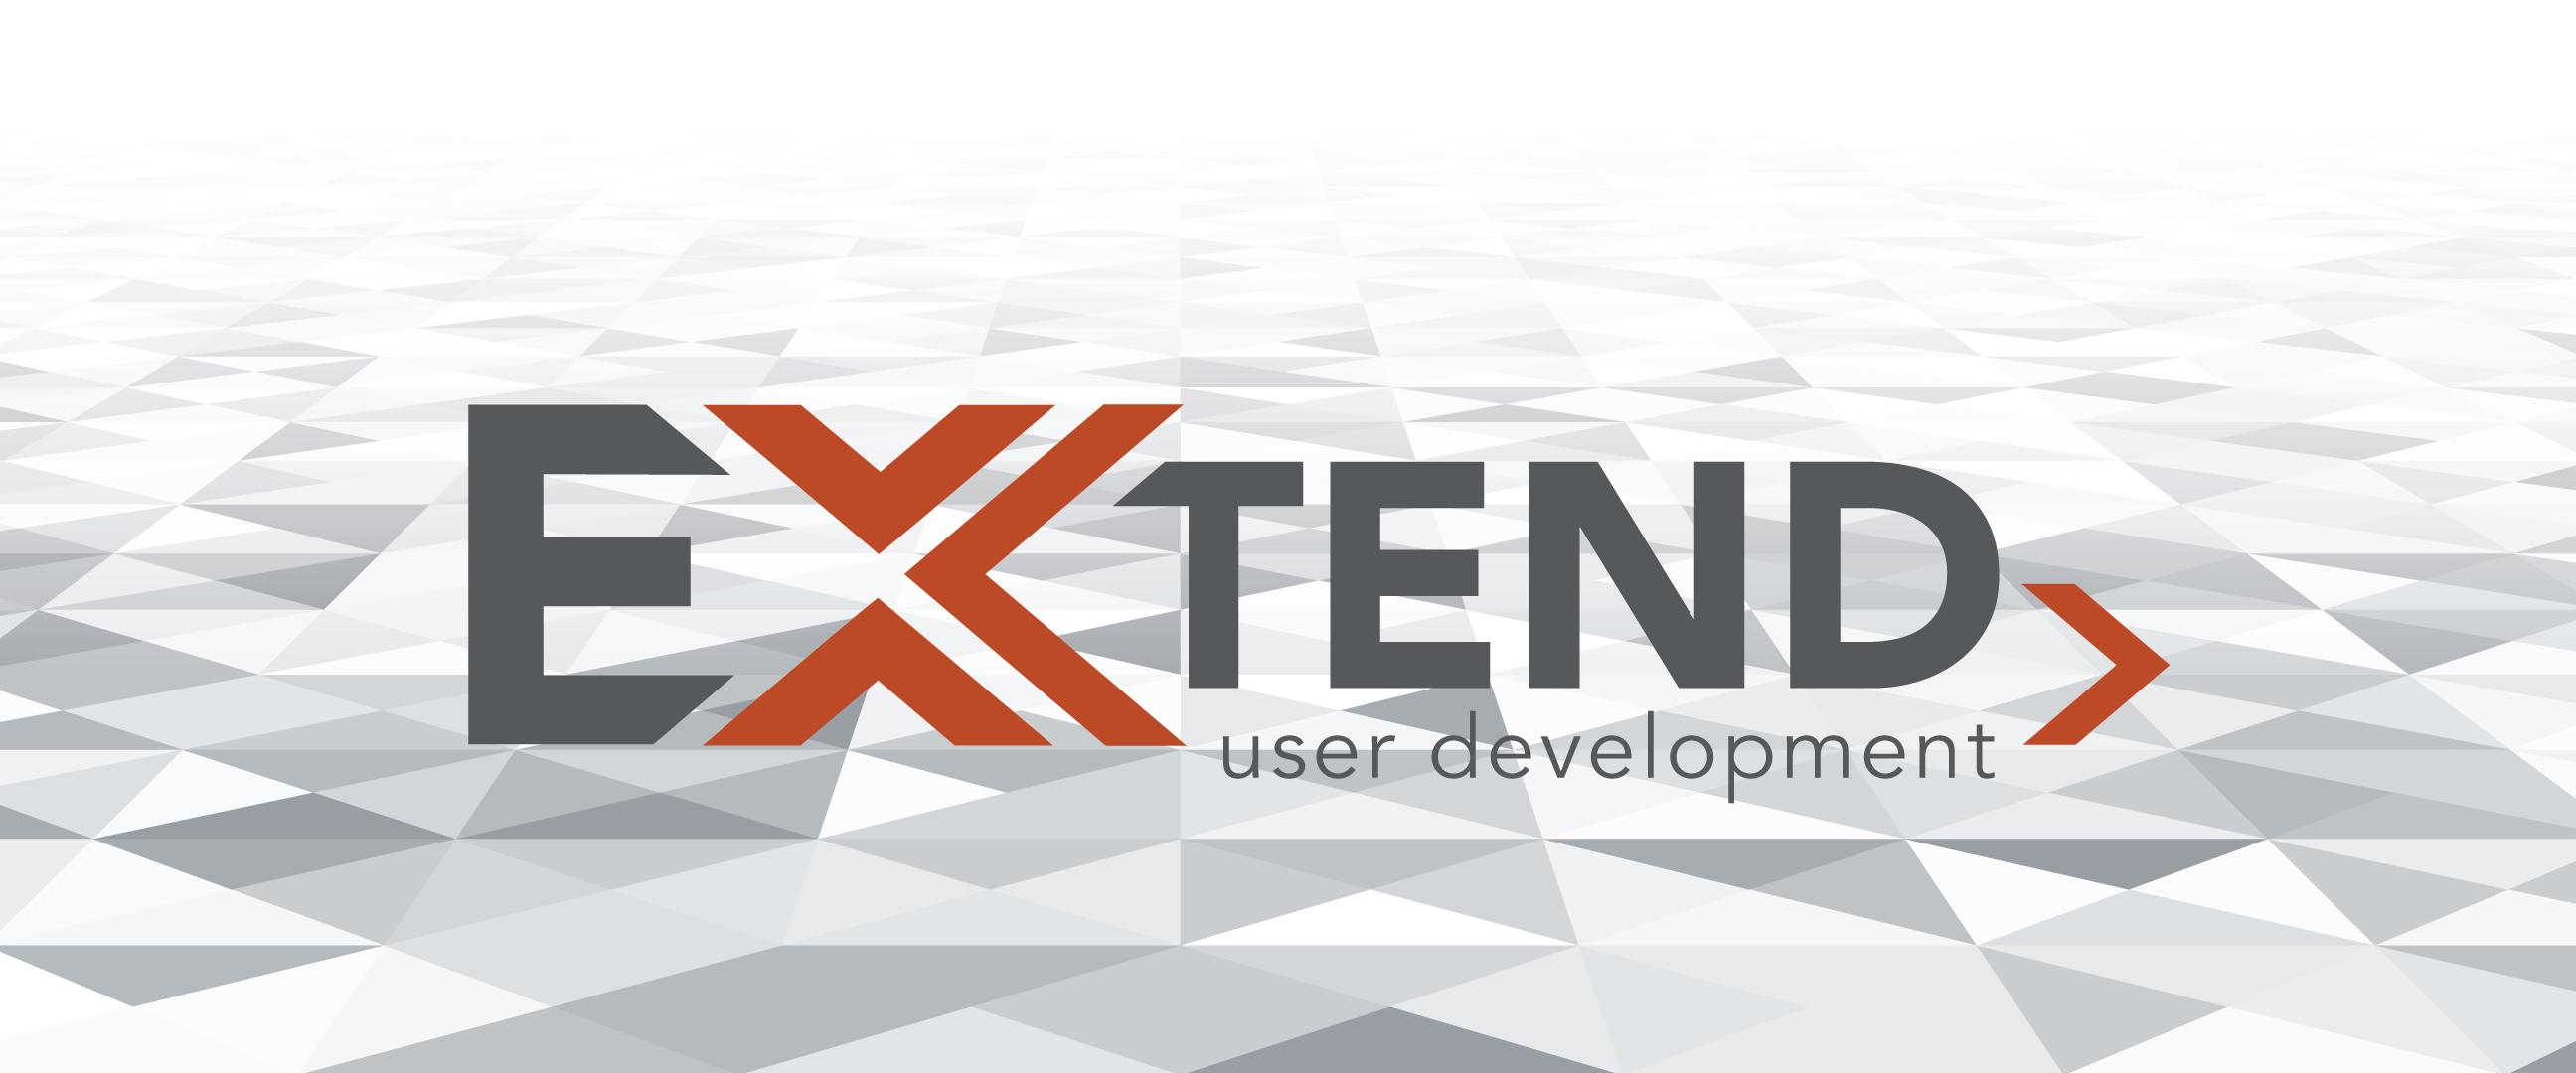 EXTEND-Training-Eventbrite